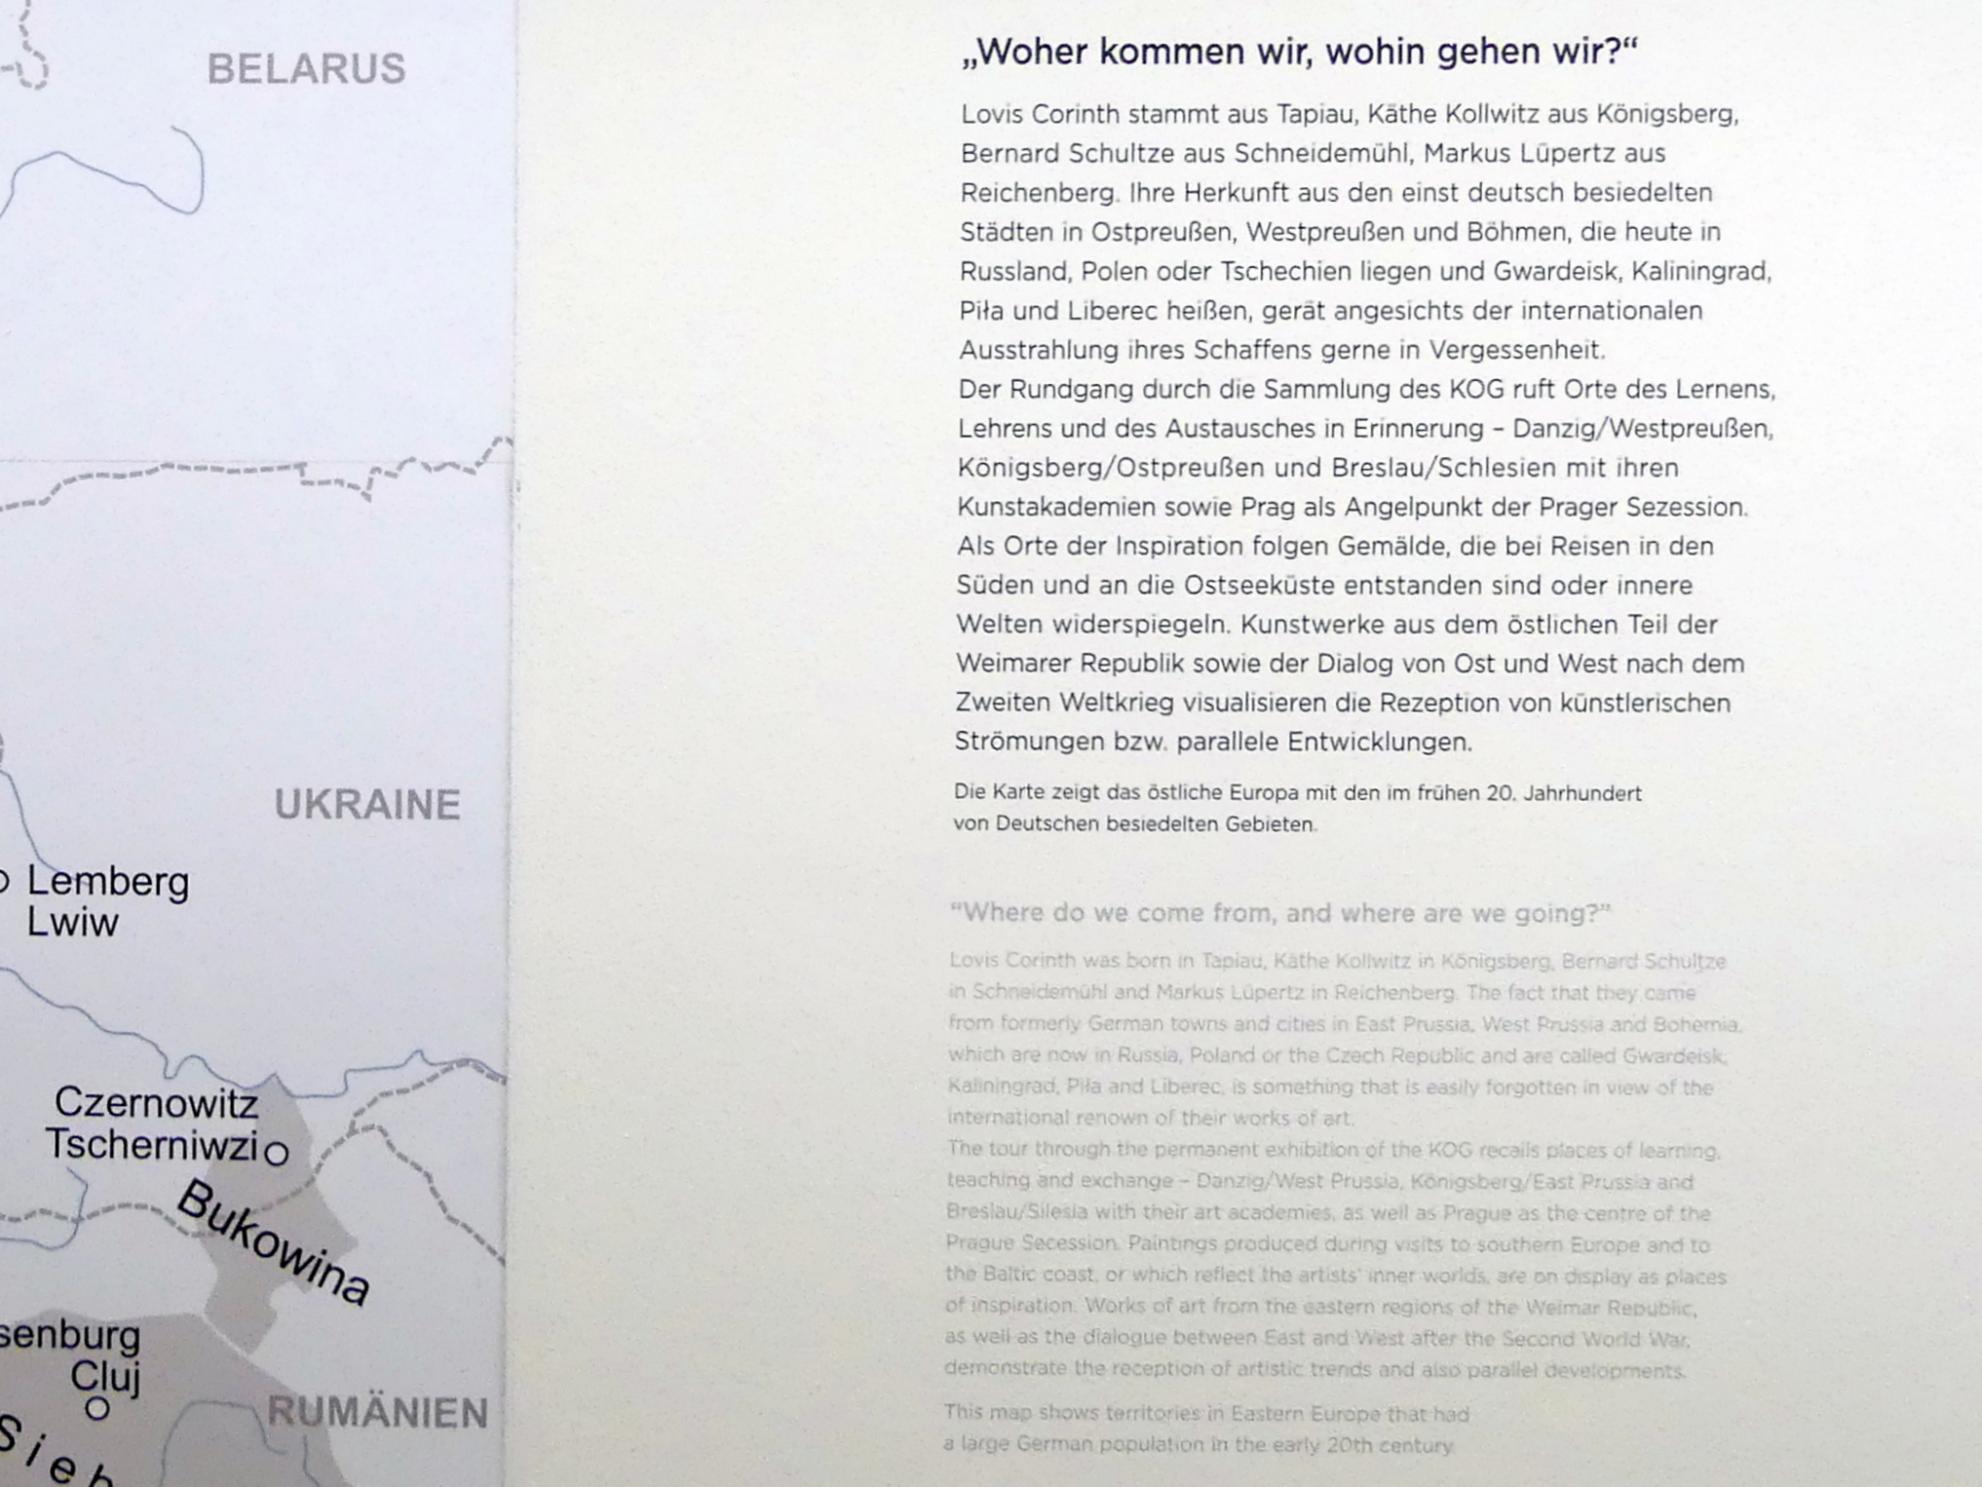 Regensburg, Ostdeutsche Galerie, Saal 2, Bild 2/4